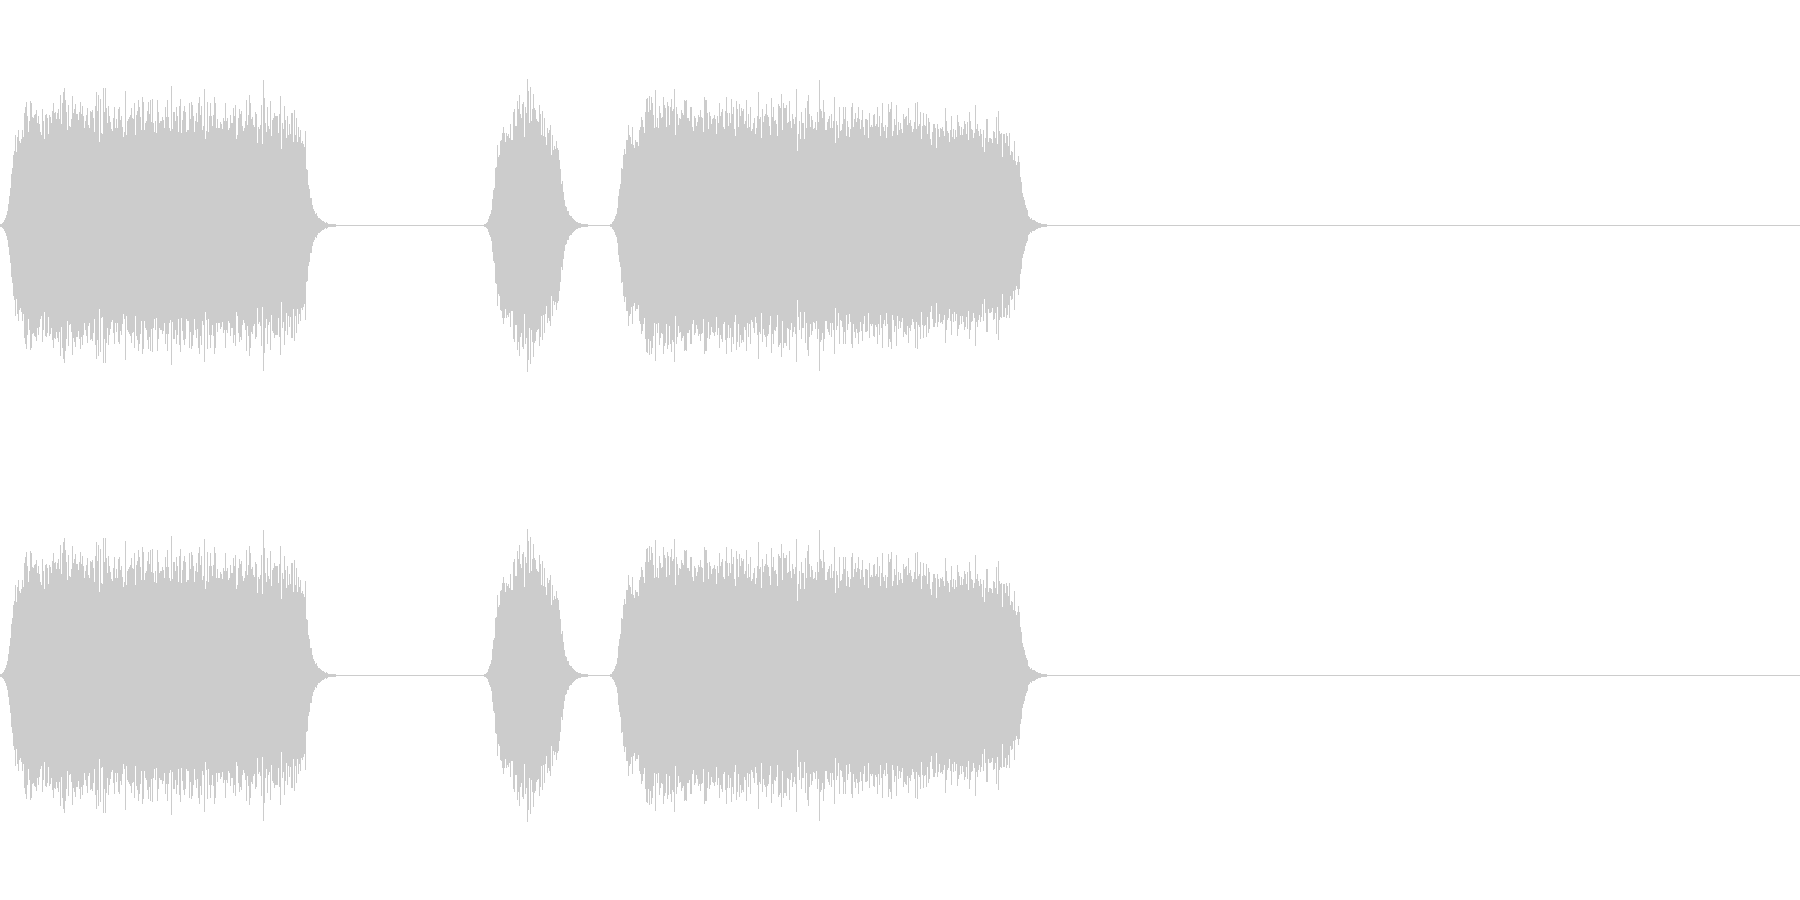 修理や製造のシーンにの未再生の波形